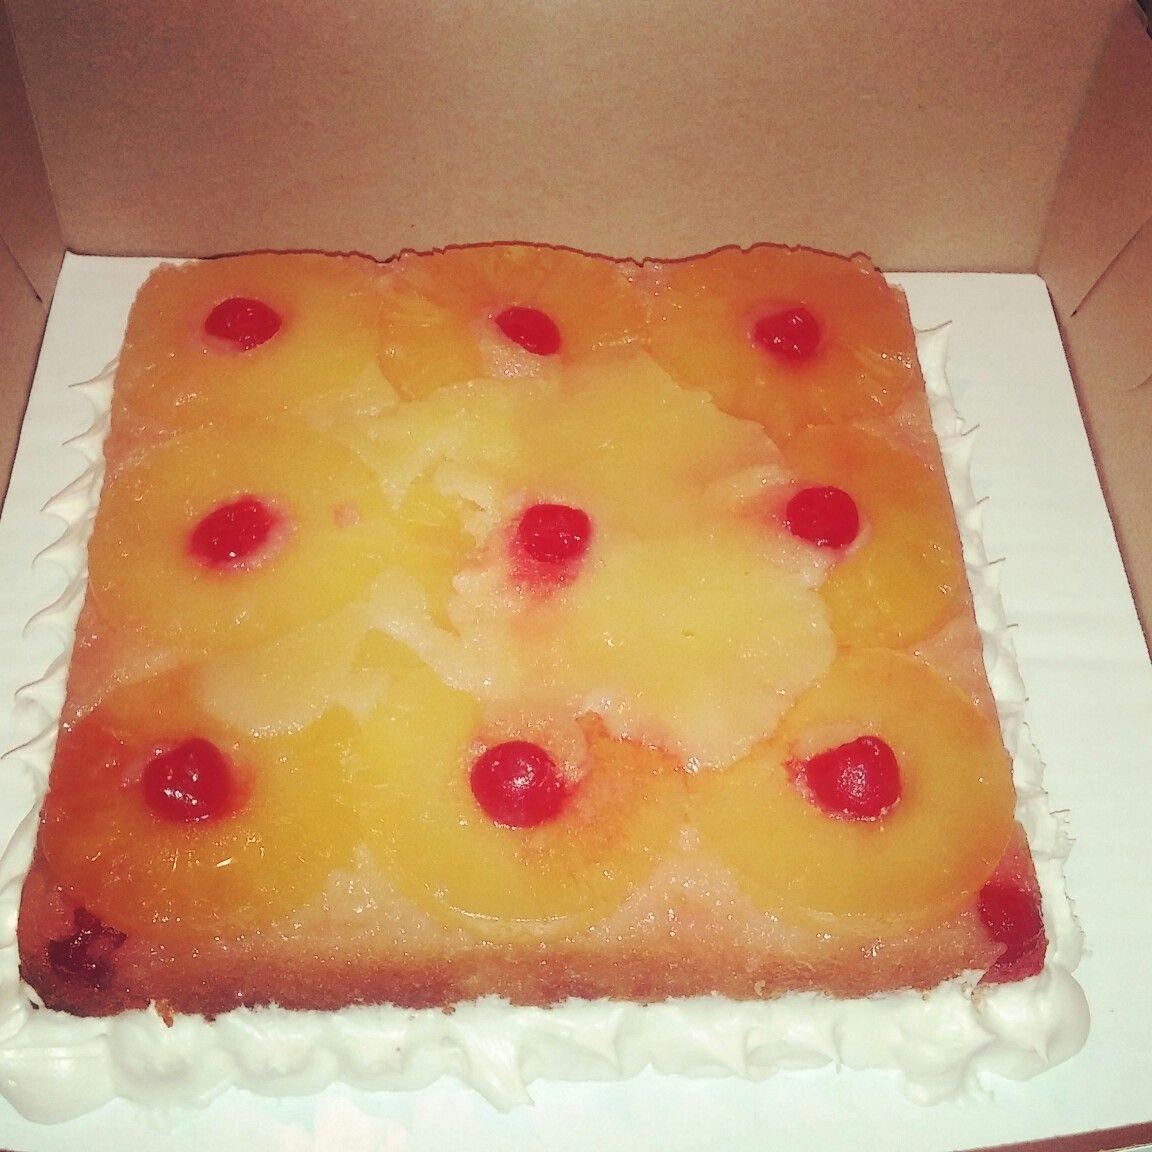 Piña cake!!ummm